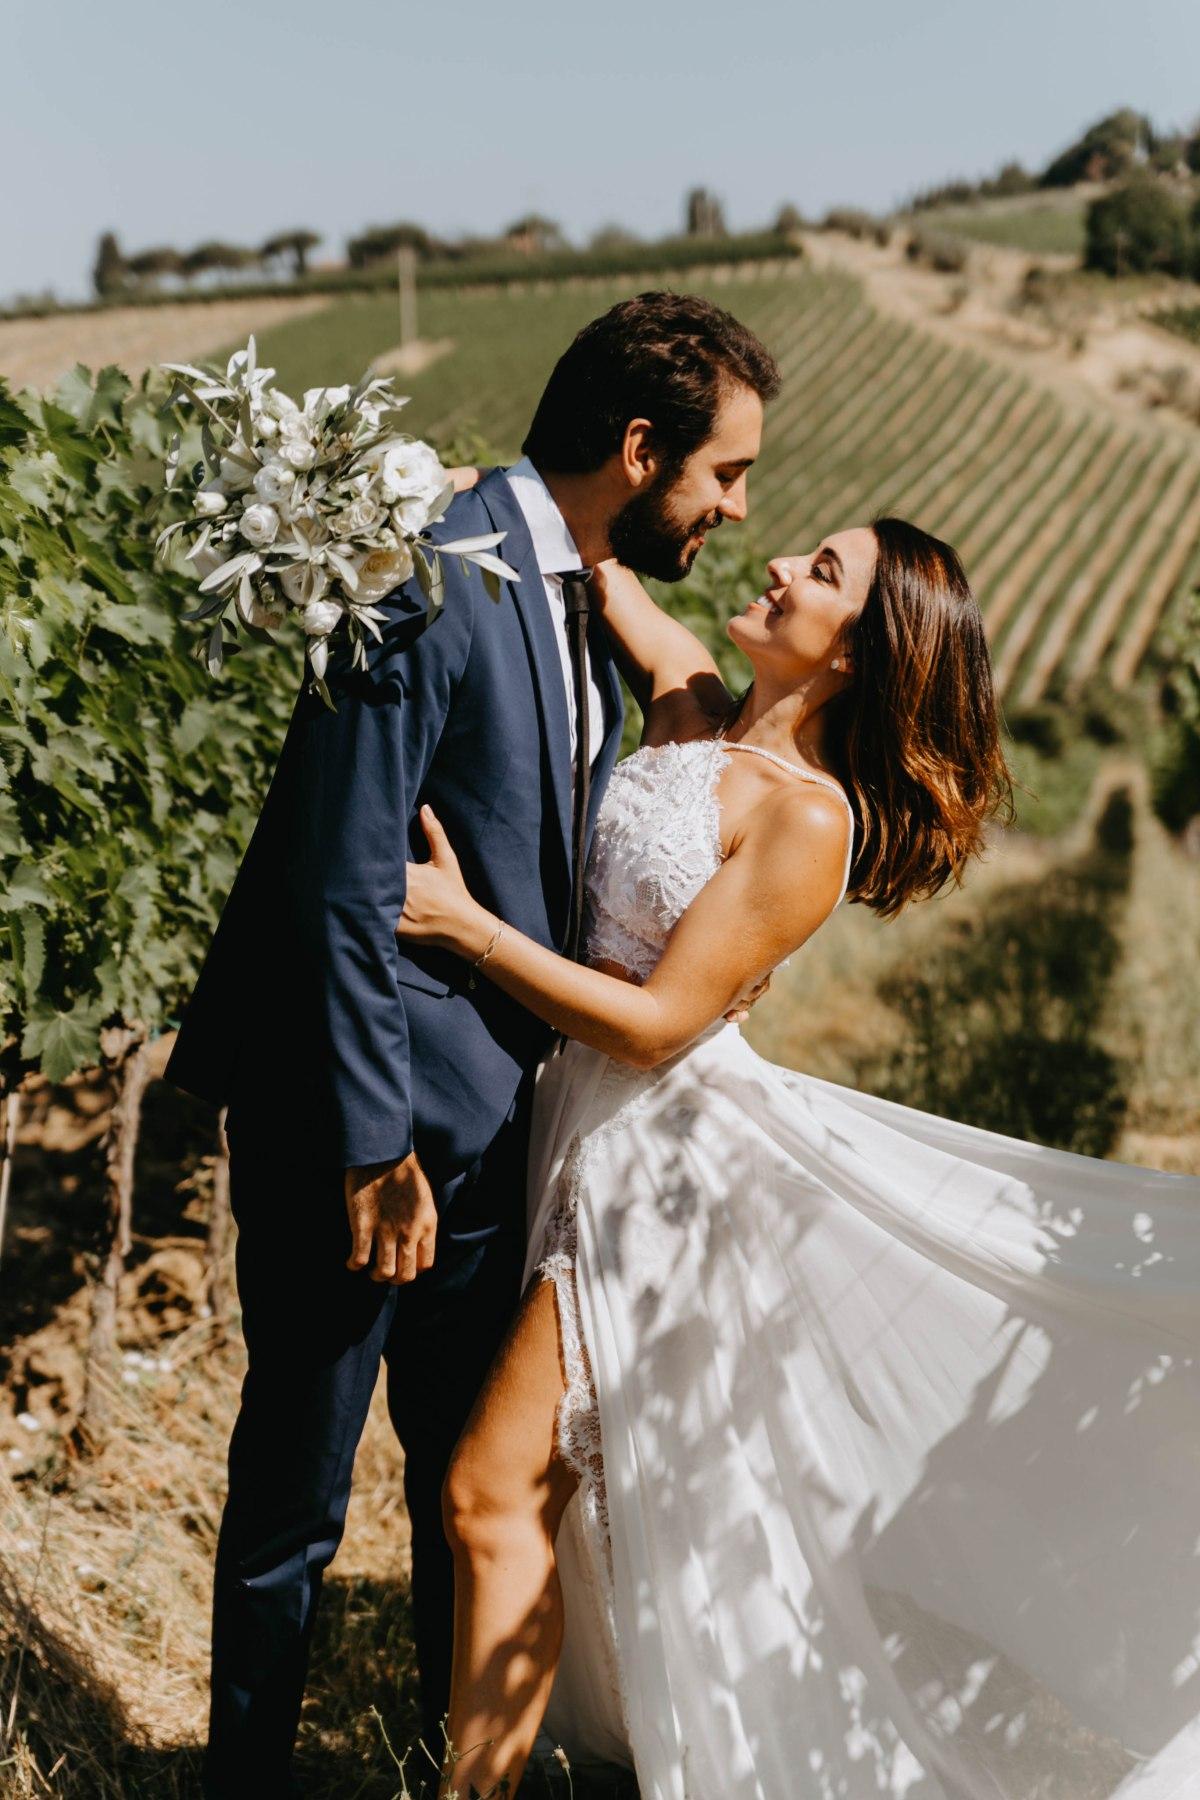 TUSCANY ELOPEMENT   ITALY WEDDING PHOTOGRAPHER   MARINA&ALESSANDRO